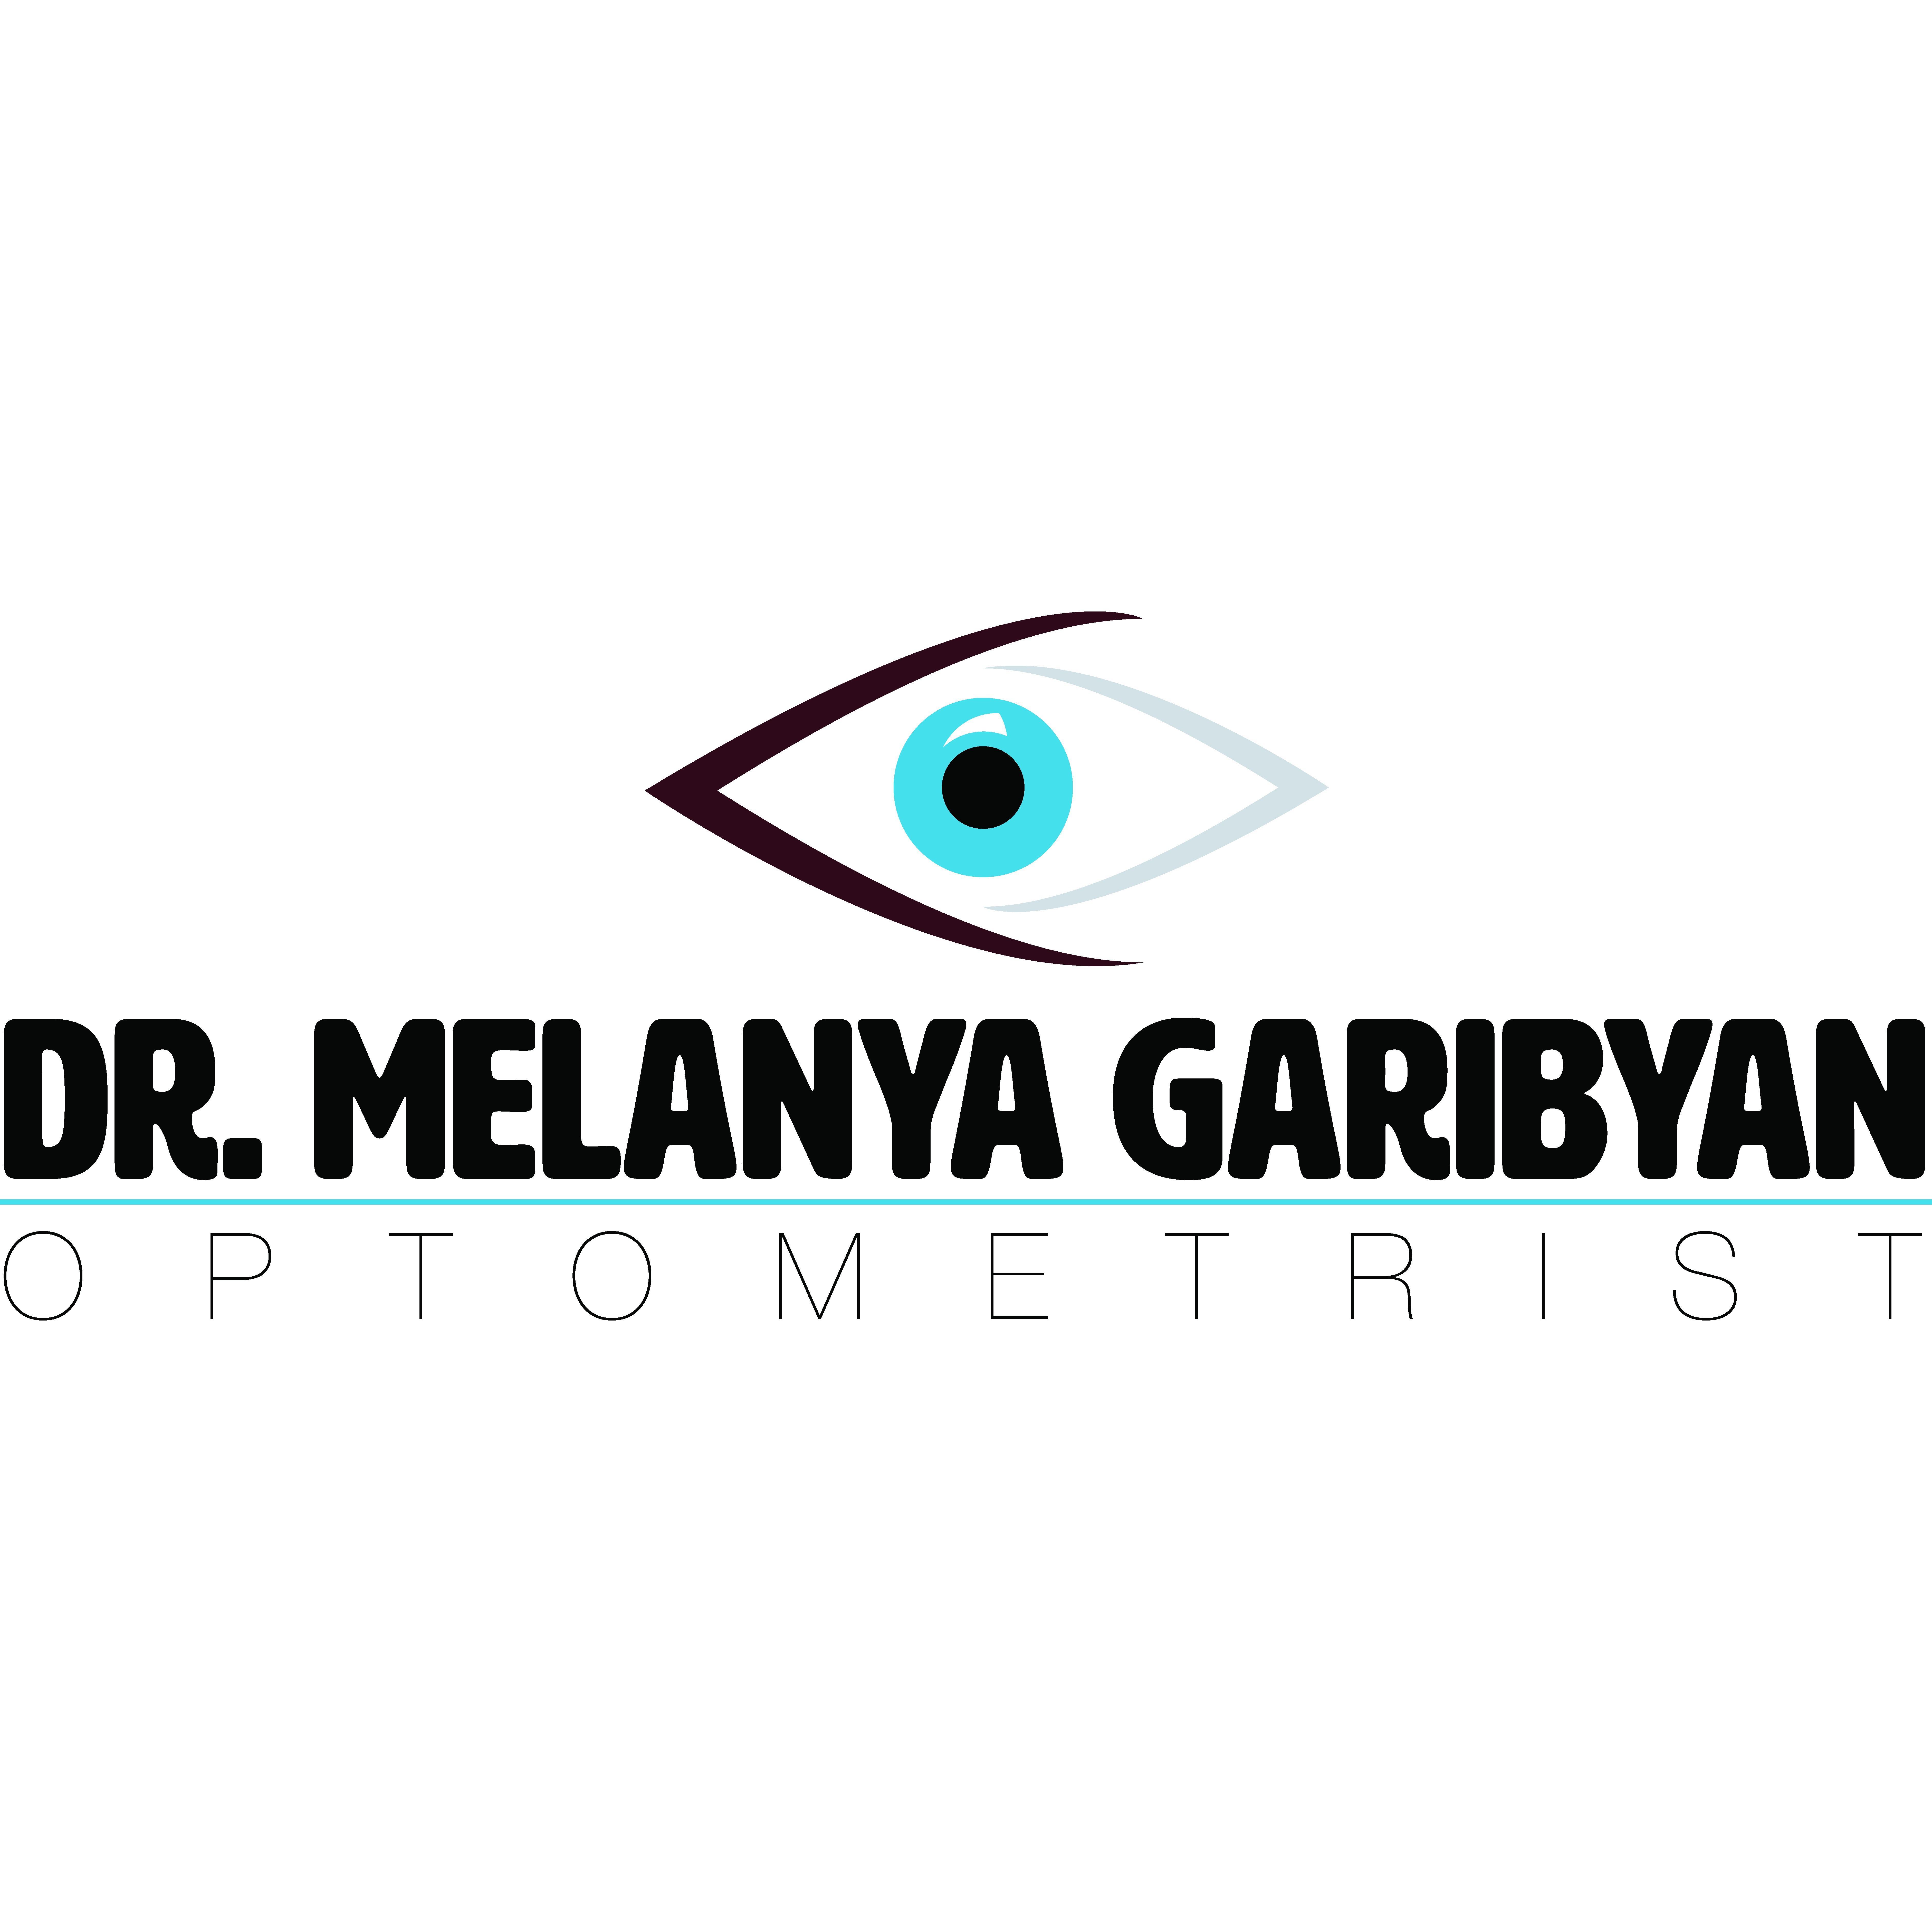 Dr Melanya Garibyan OD